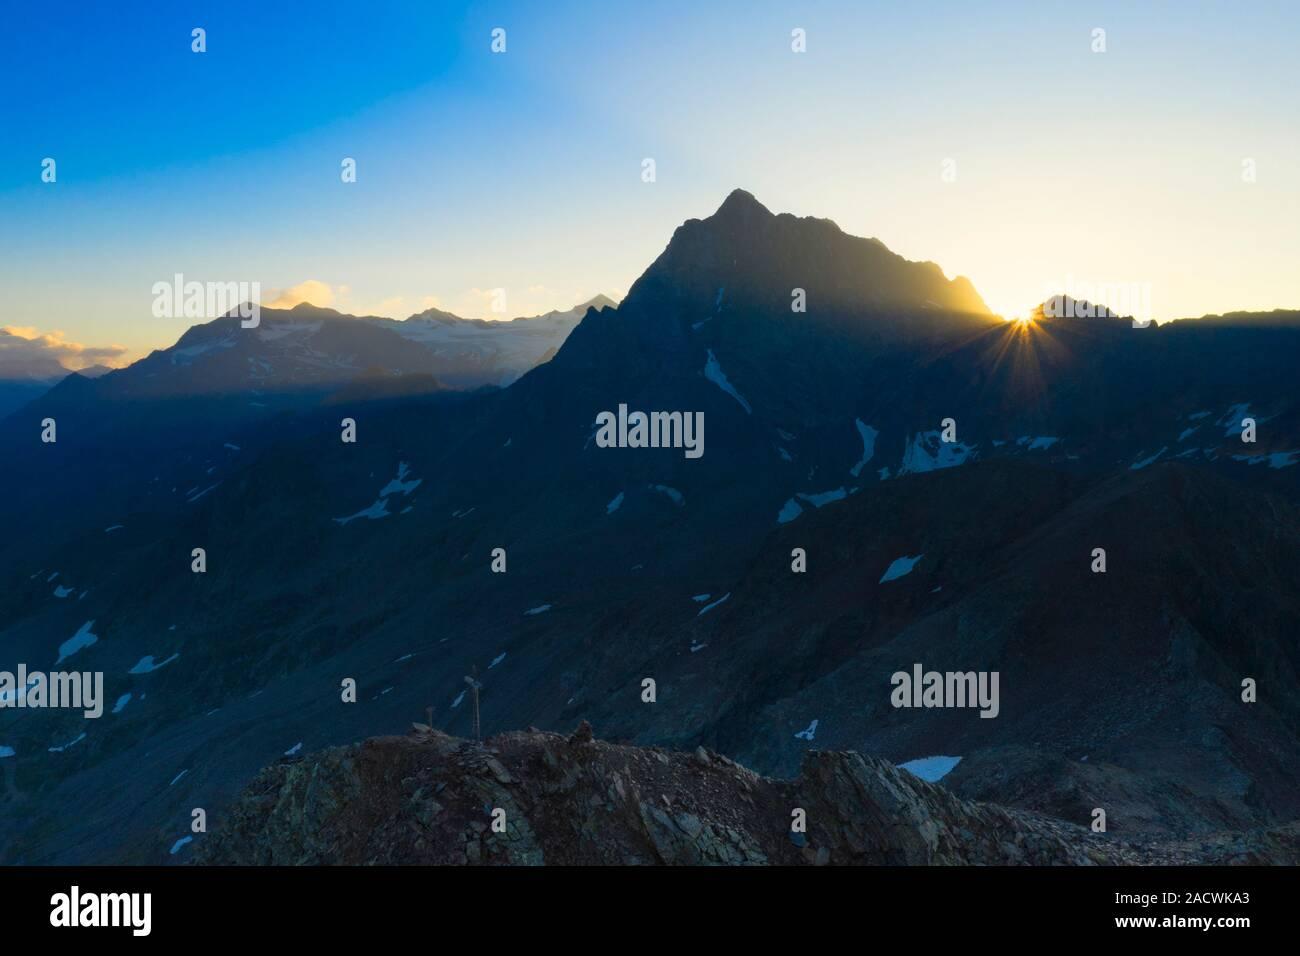 Corno dei Tre Signori illuminata dai raggi del sole all'alba, vista aerea, Passo Gavia, Valfurva Valtellina, provincia di Sondrio, Lombardia, Italia Foto Stock